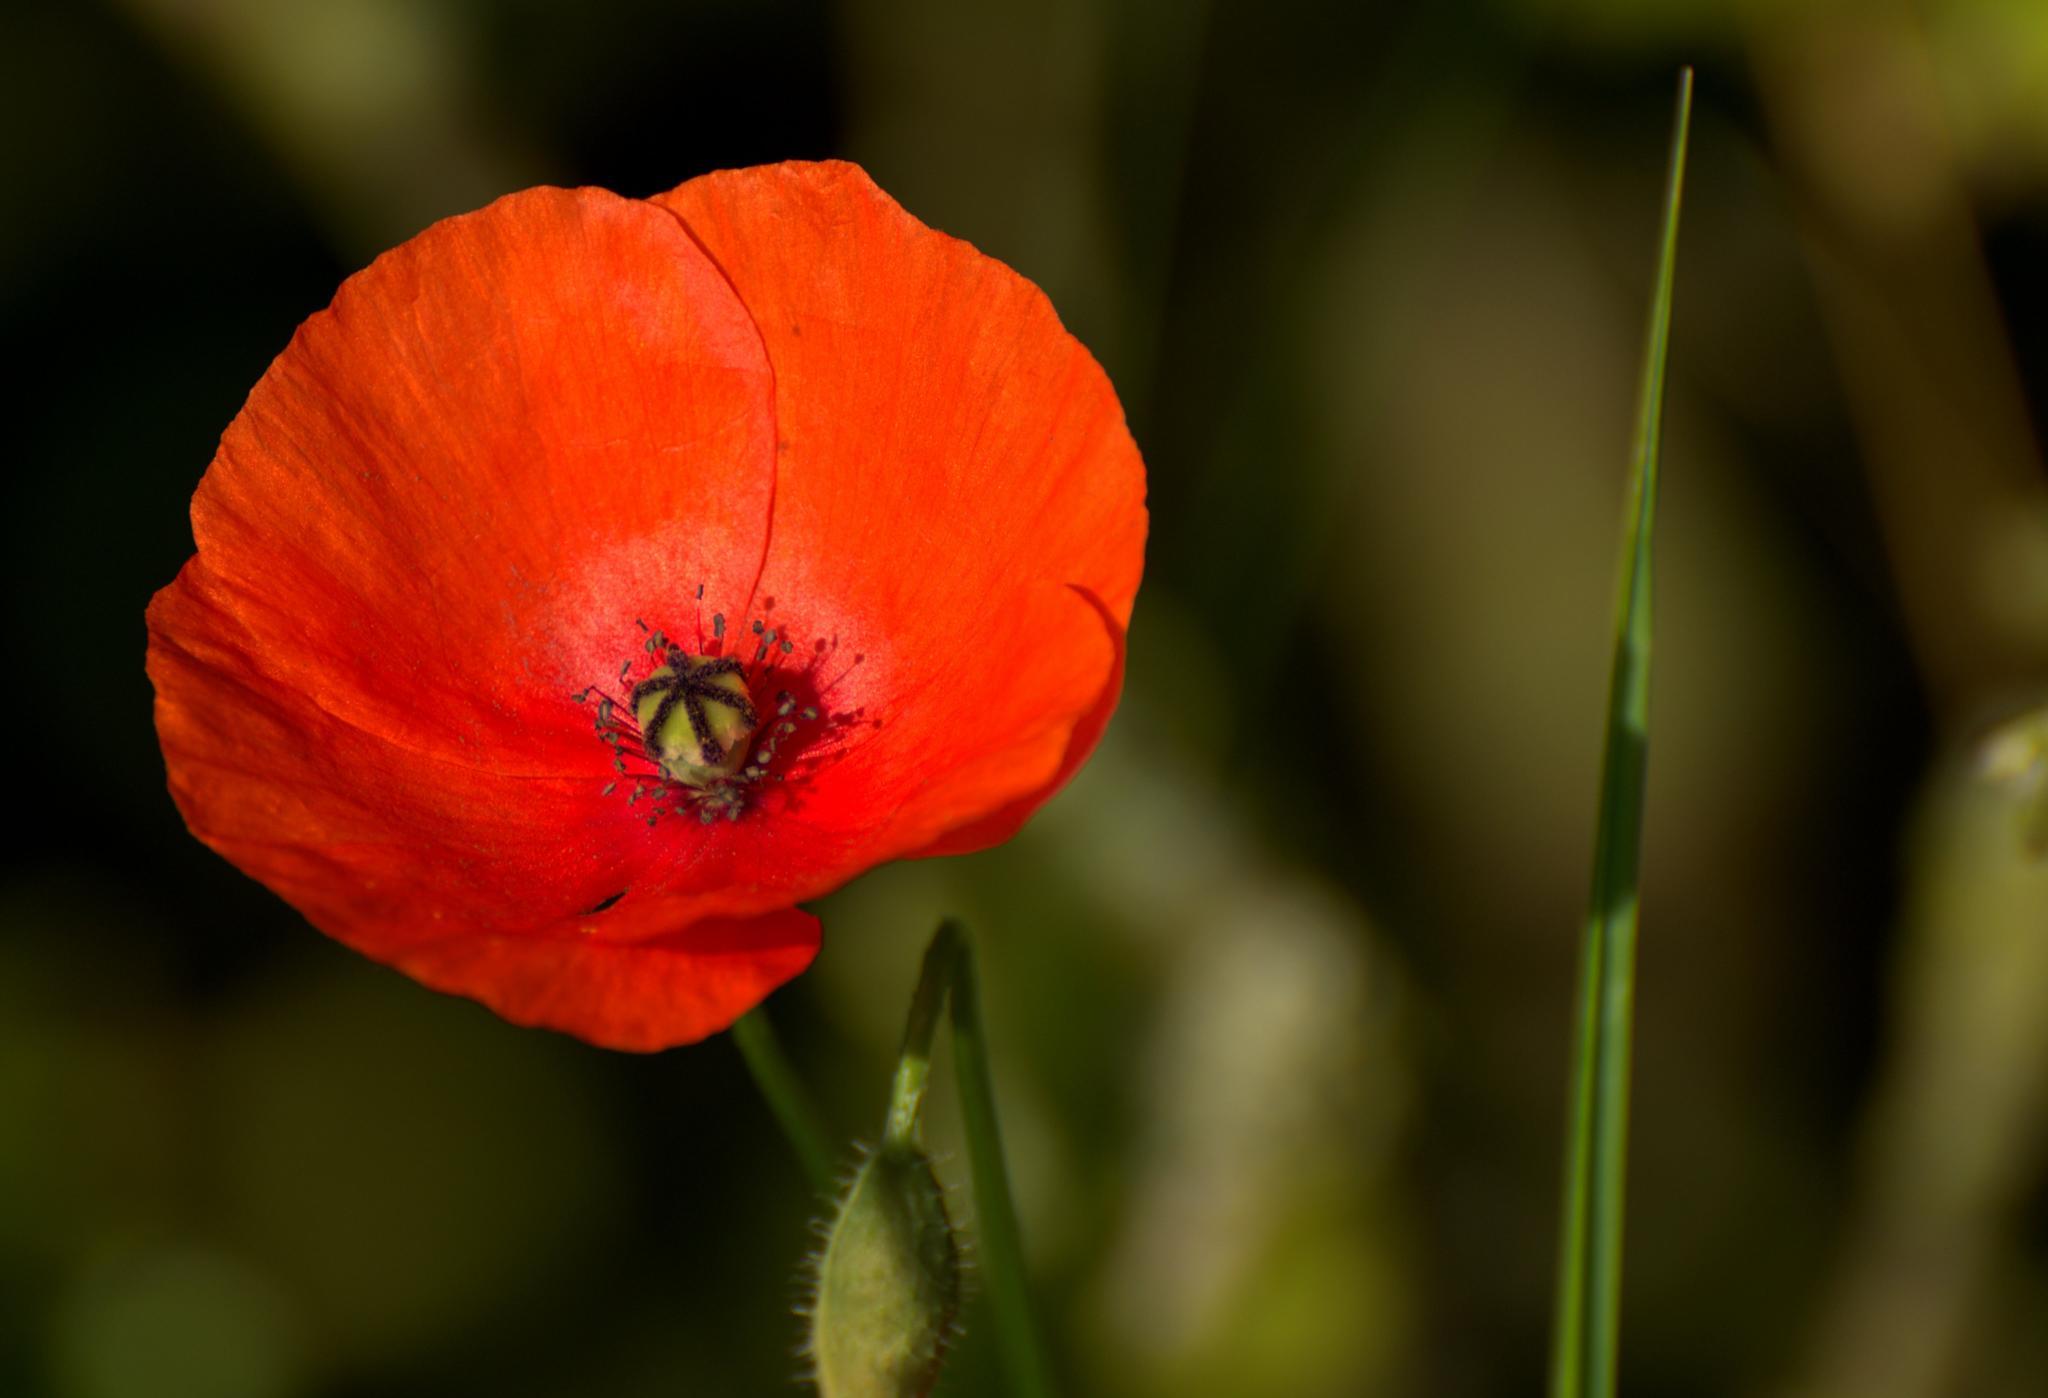 Poppy by Jozsef Keszan